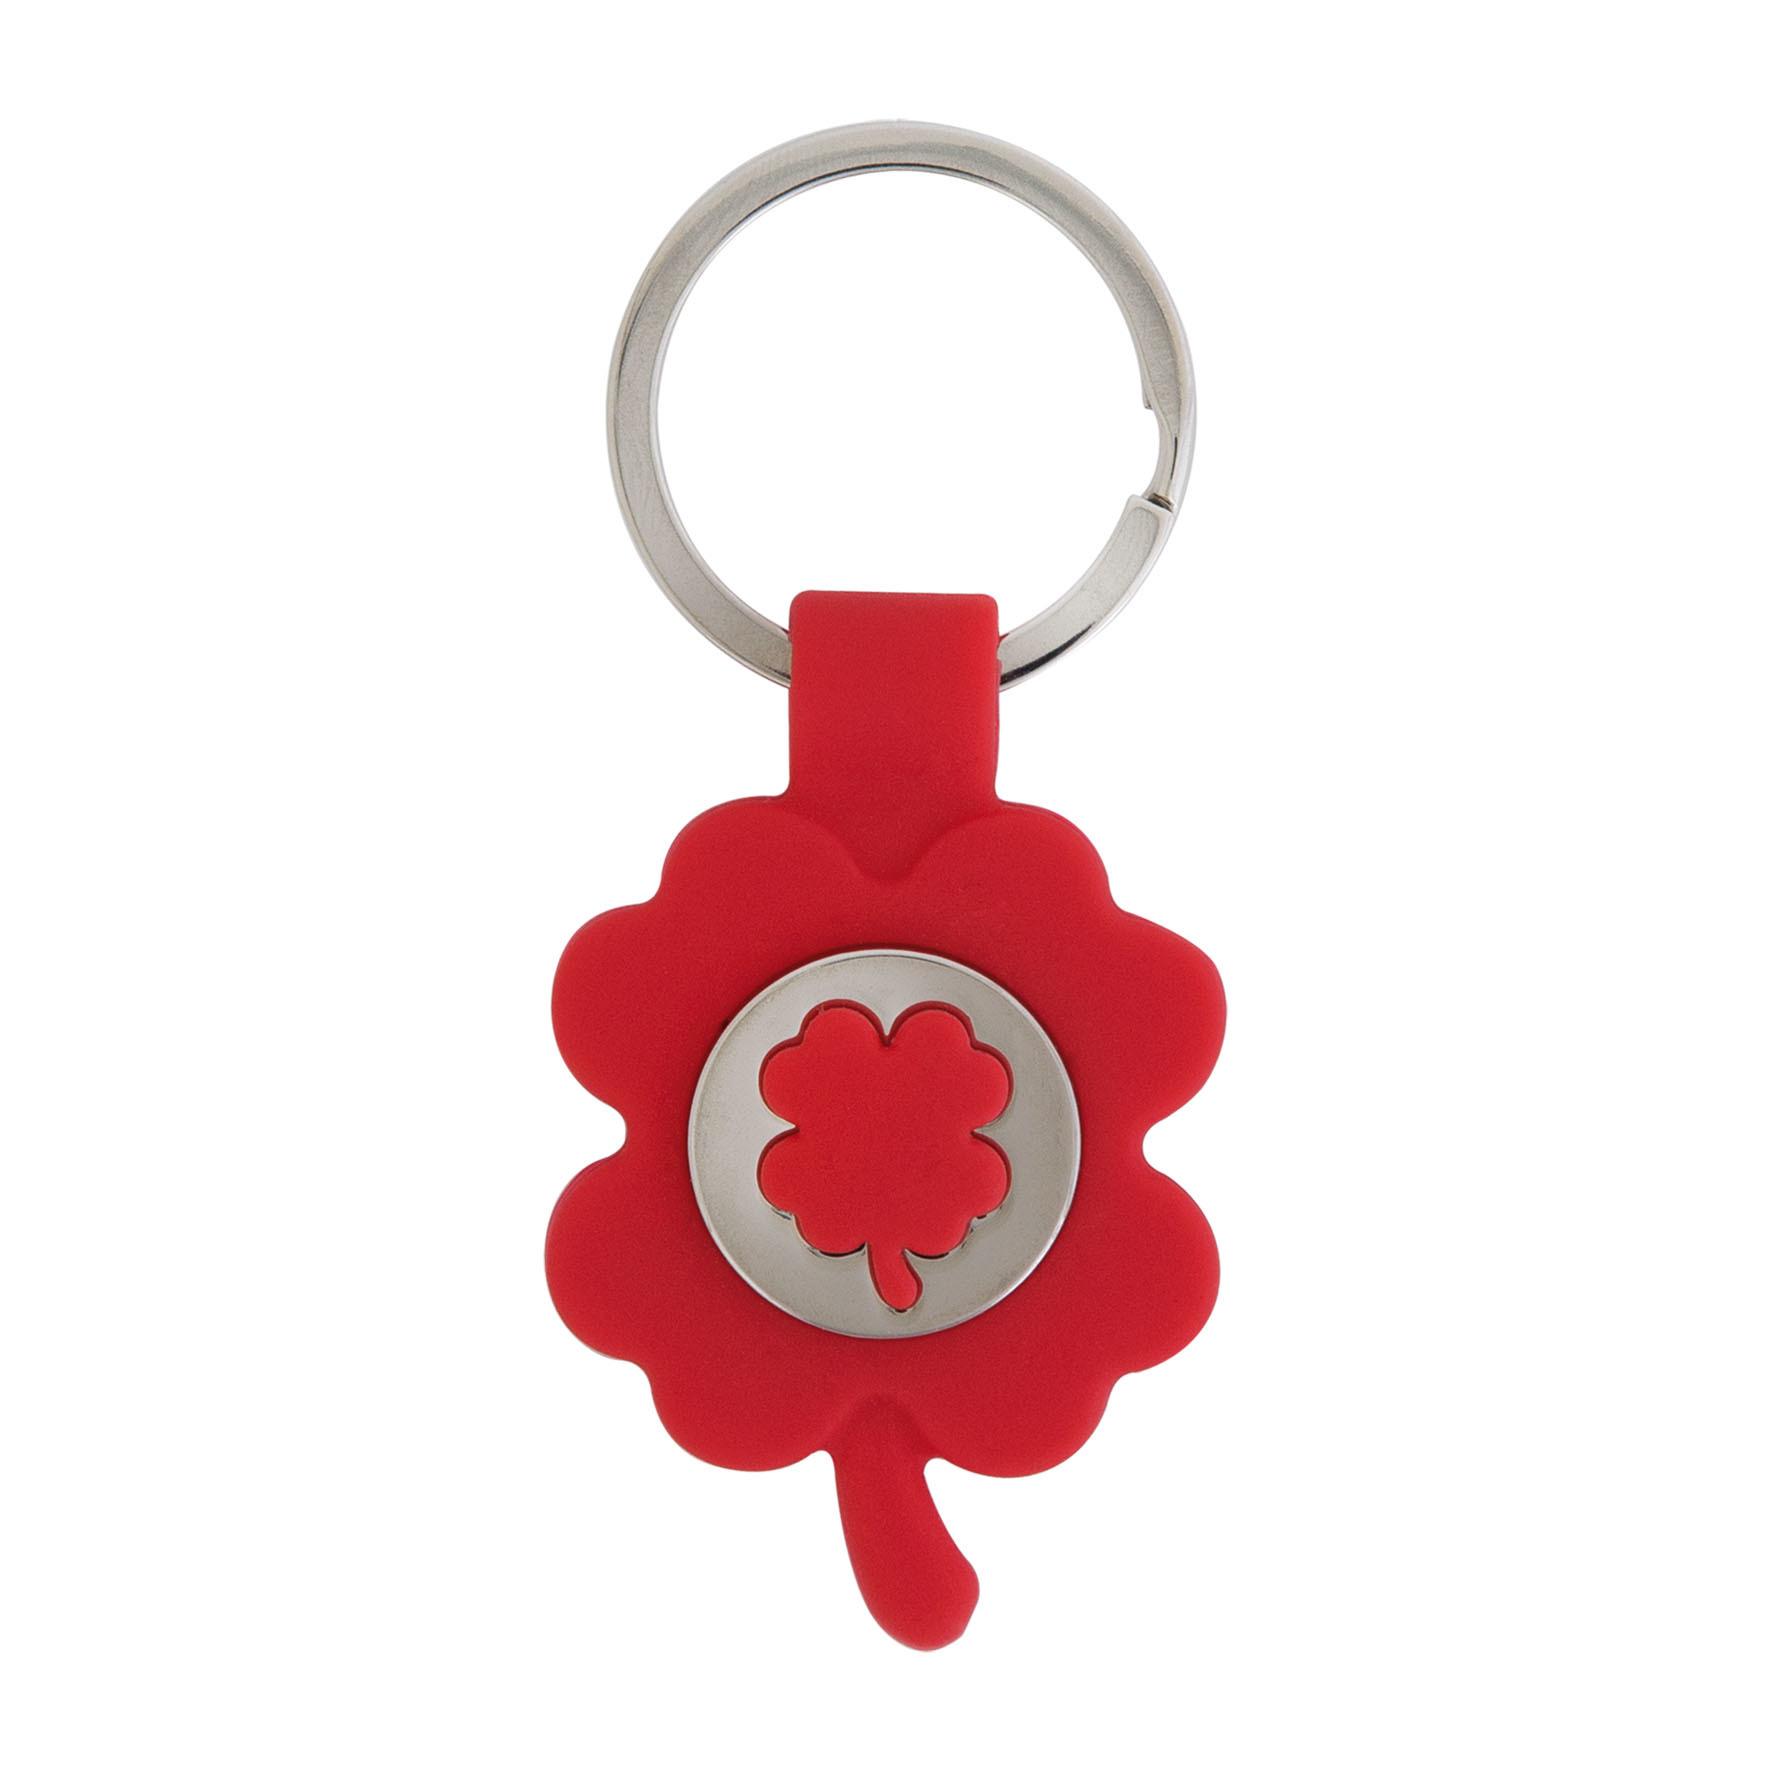 Porte-clés porte-bonheur - 22-1215-8